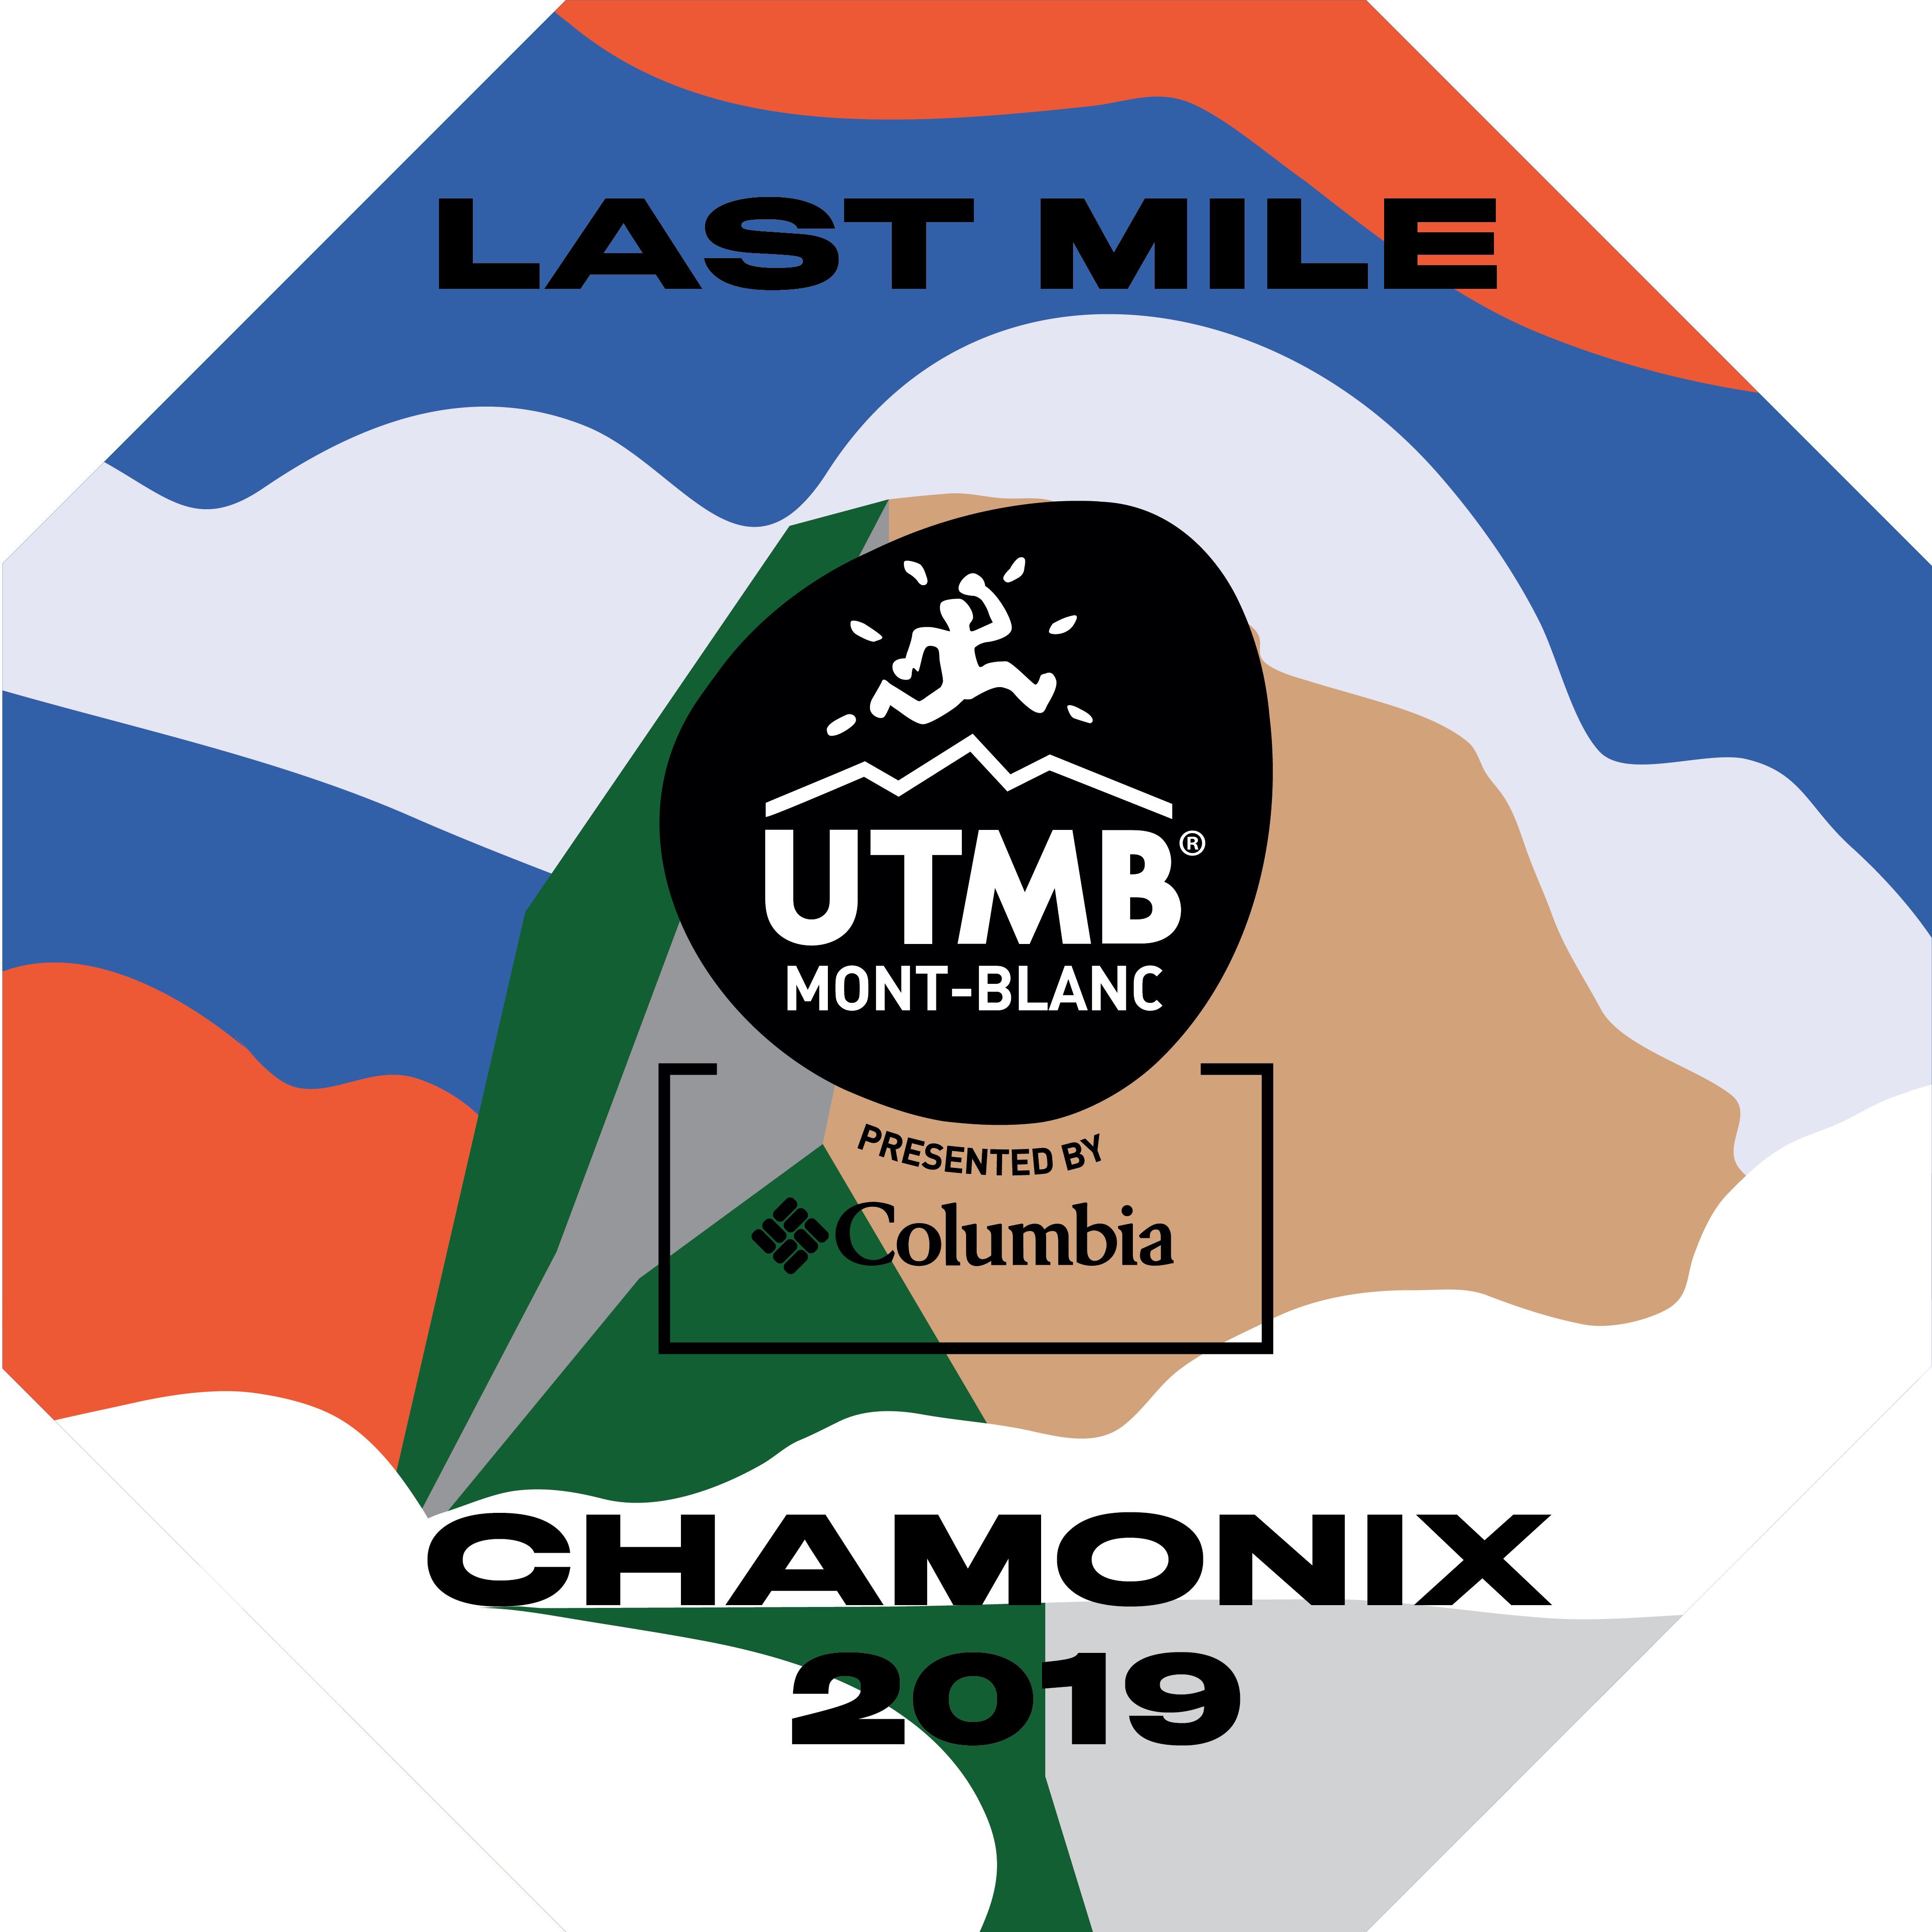 UTMB® Last Mile